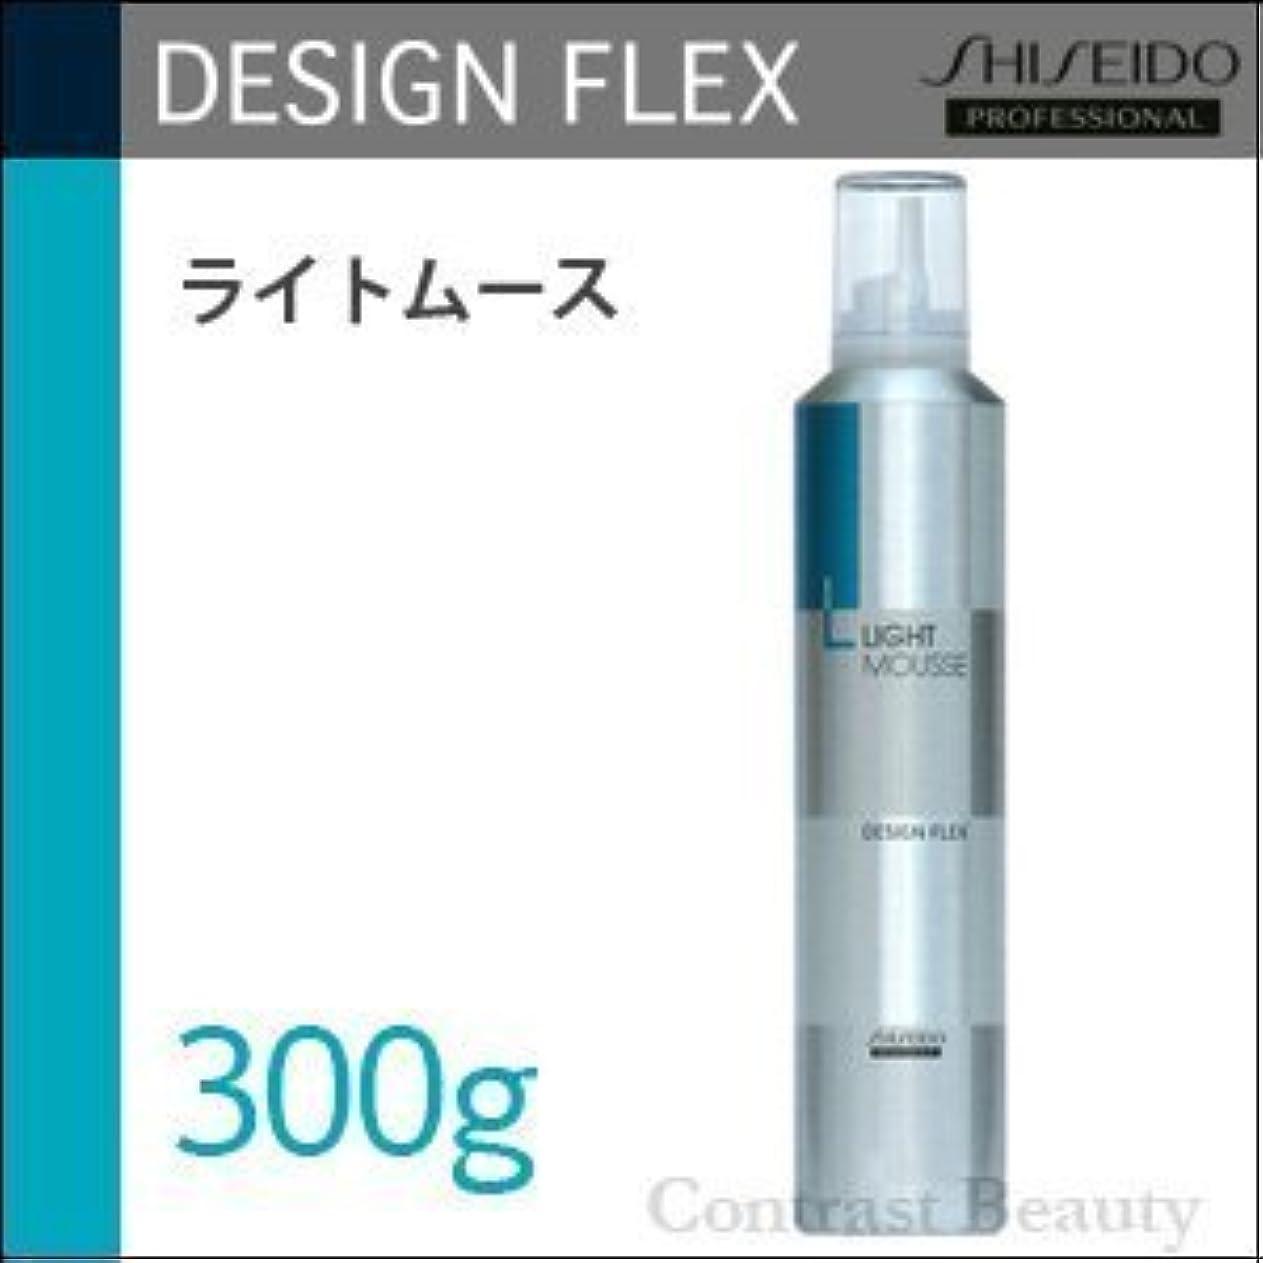 繁雑統合先駆者資生堂プロフェッショナル デザインフレックス ライトムース 300g